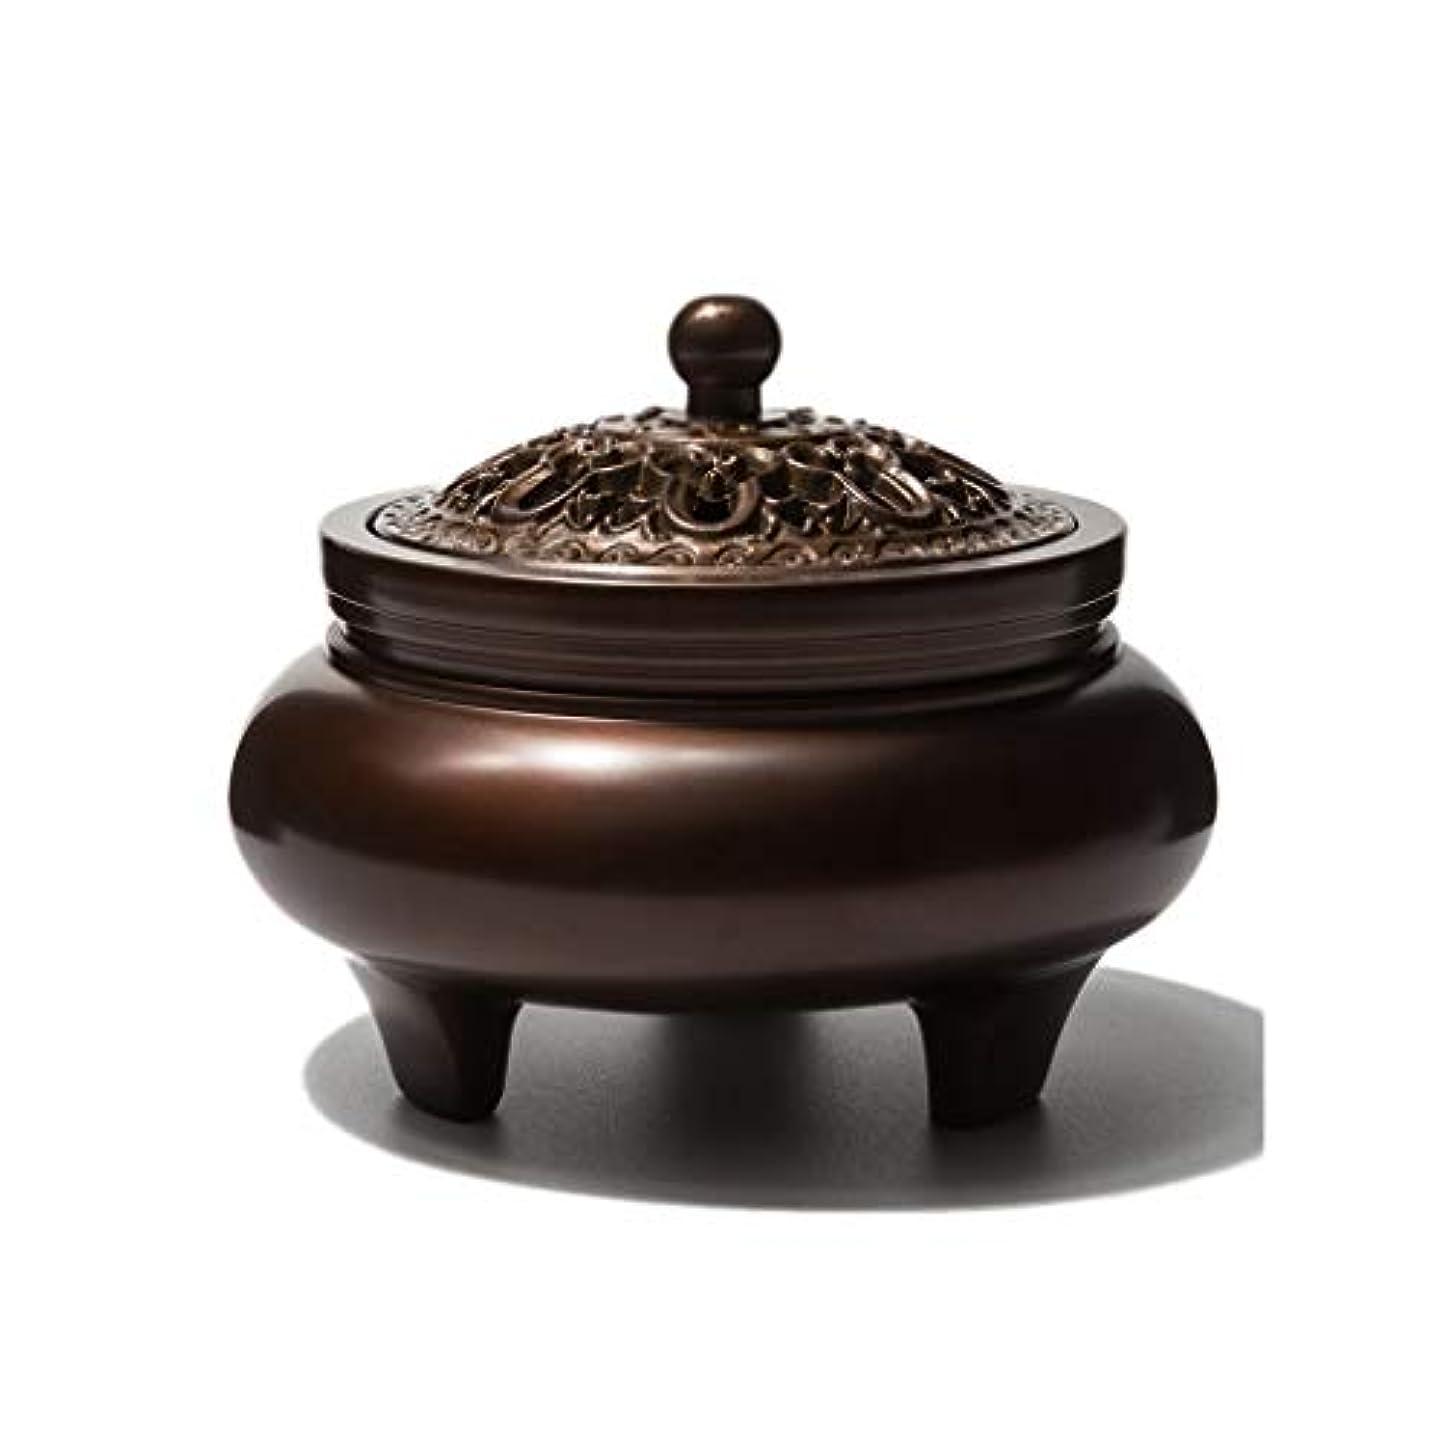 飾る大佐擁するホームアロマバーナー 銅香バーナーアロマテラピーホルダー純粋な銅茶道白檀炉屋内香バーナーレトロノスタルジア11.5センチ* 7.8センチ* 9センチ アロマバーナー